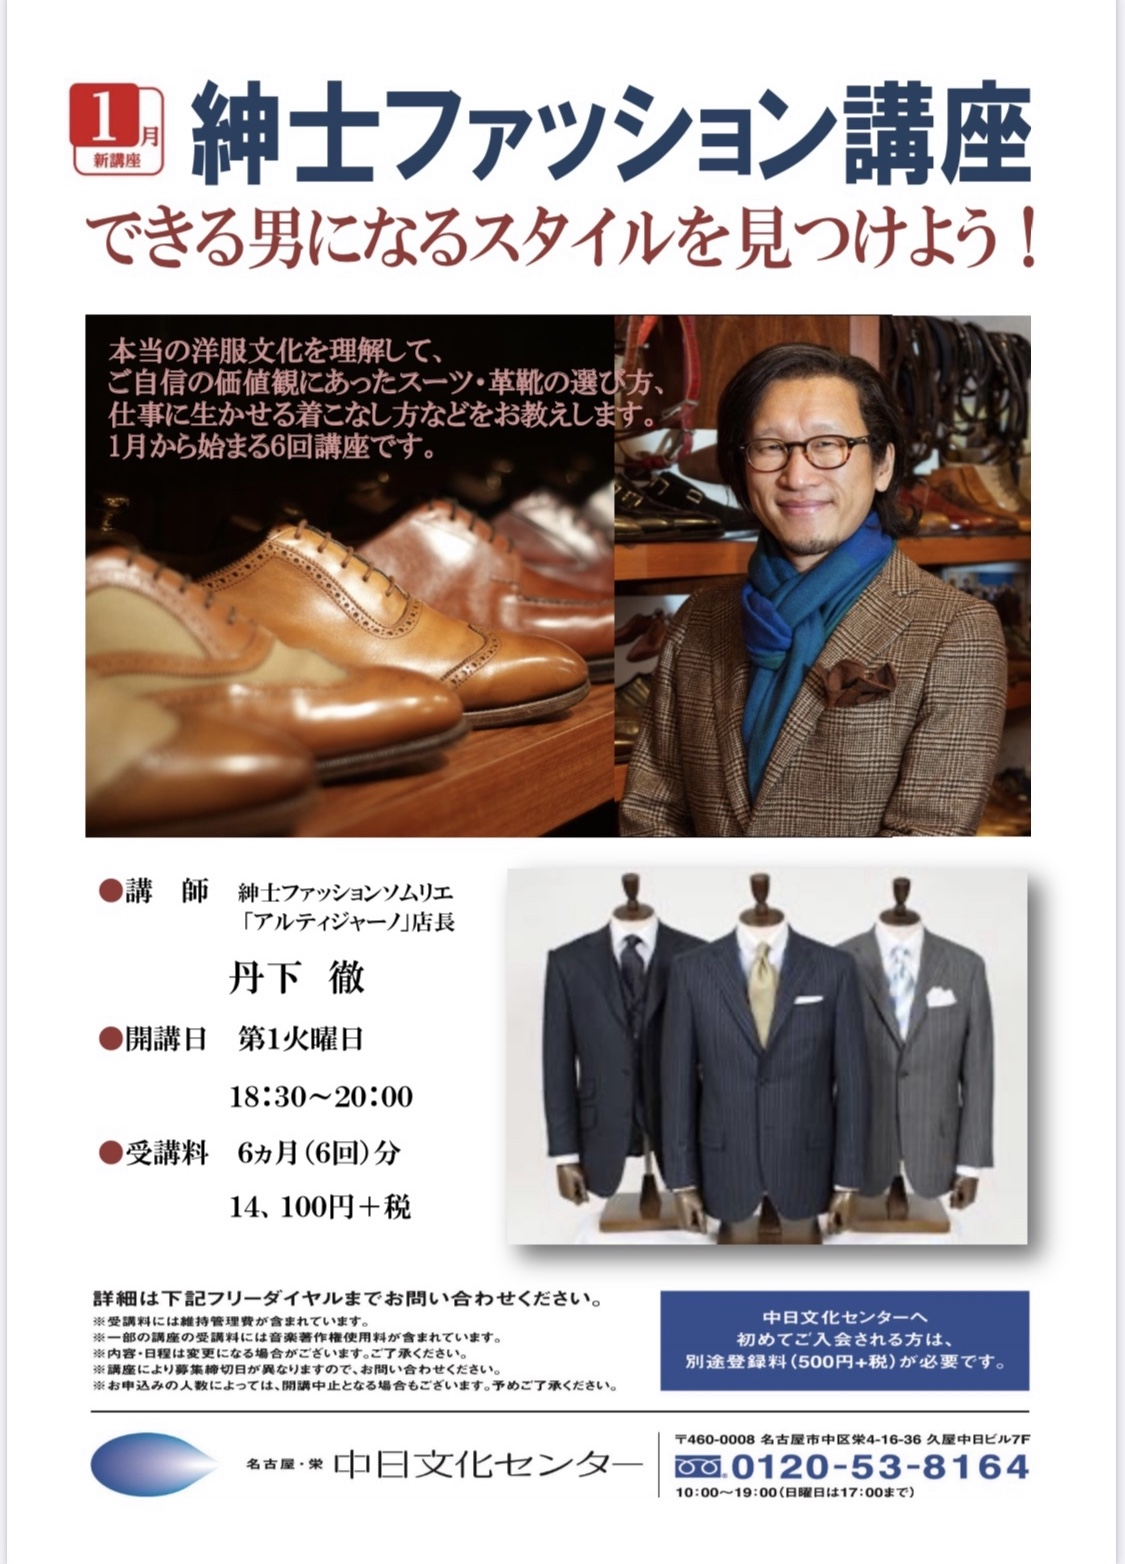 中日文化センター「紳士ファッション講座」本日開催です